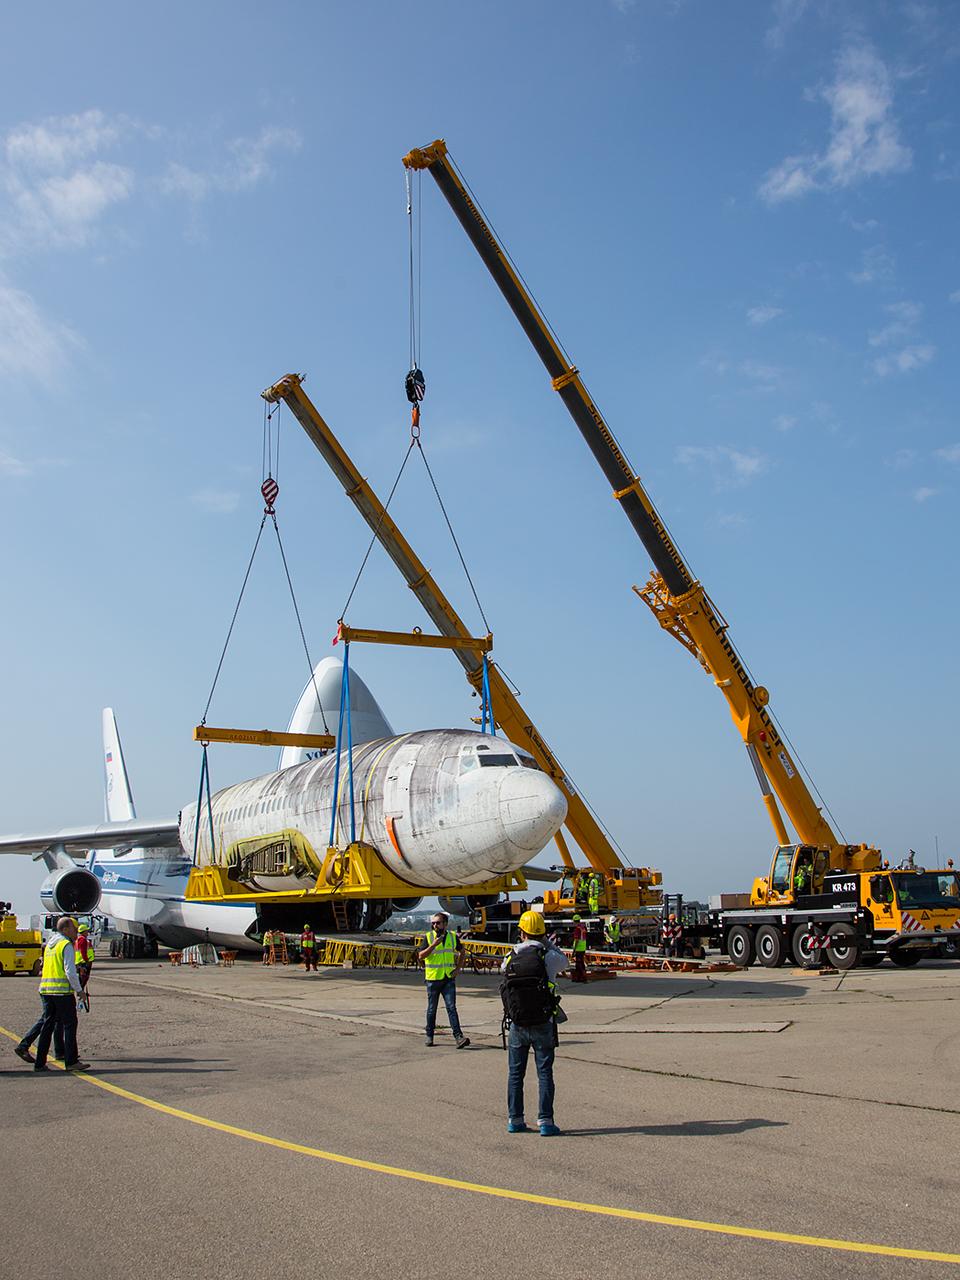 Während der Rumpf der Maschinemit zwei Kränen für den Abtransport fertig gemacht wurde,......